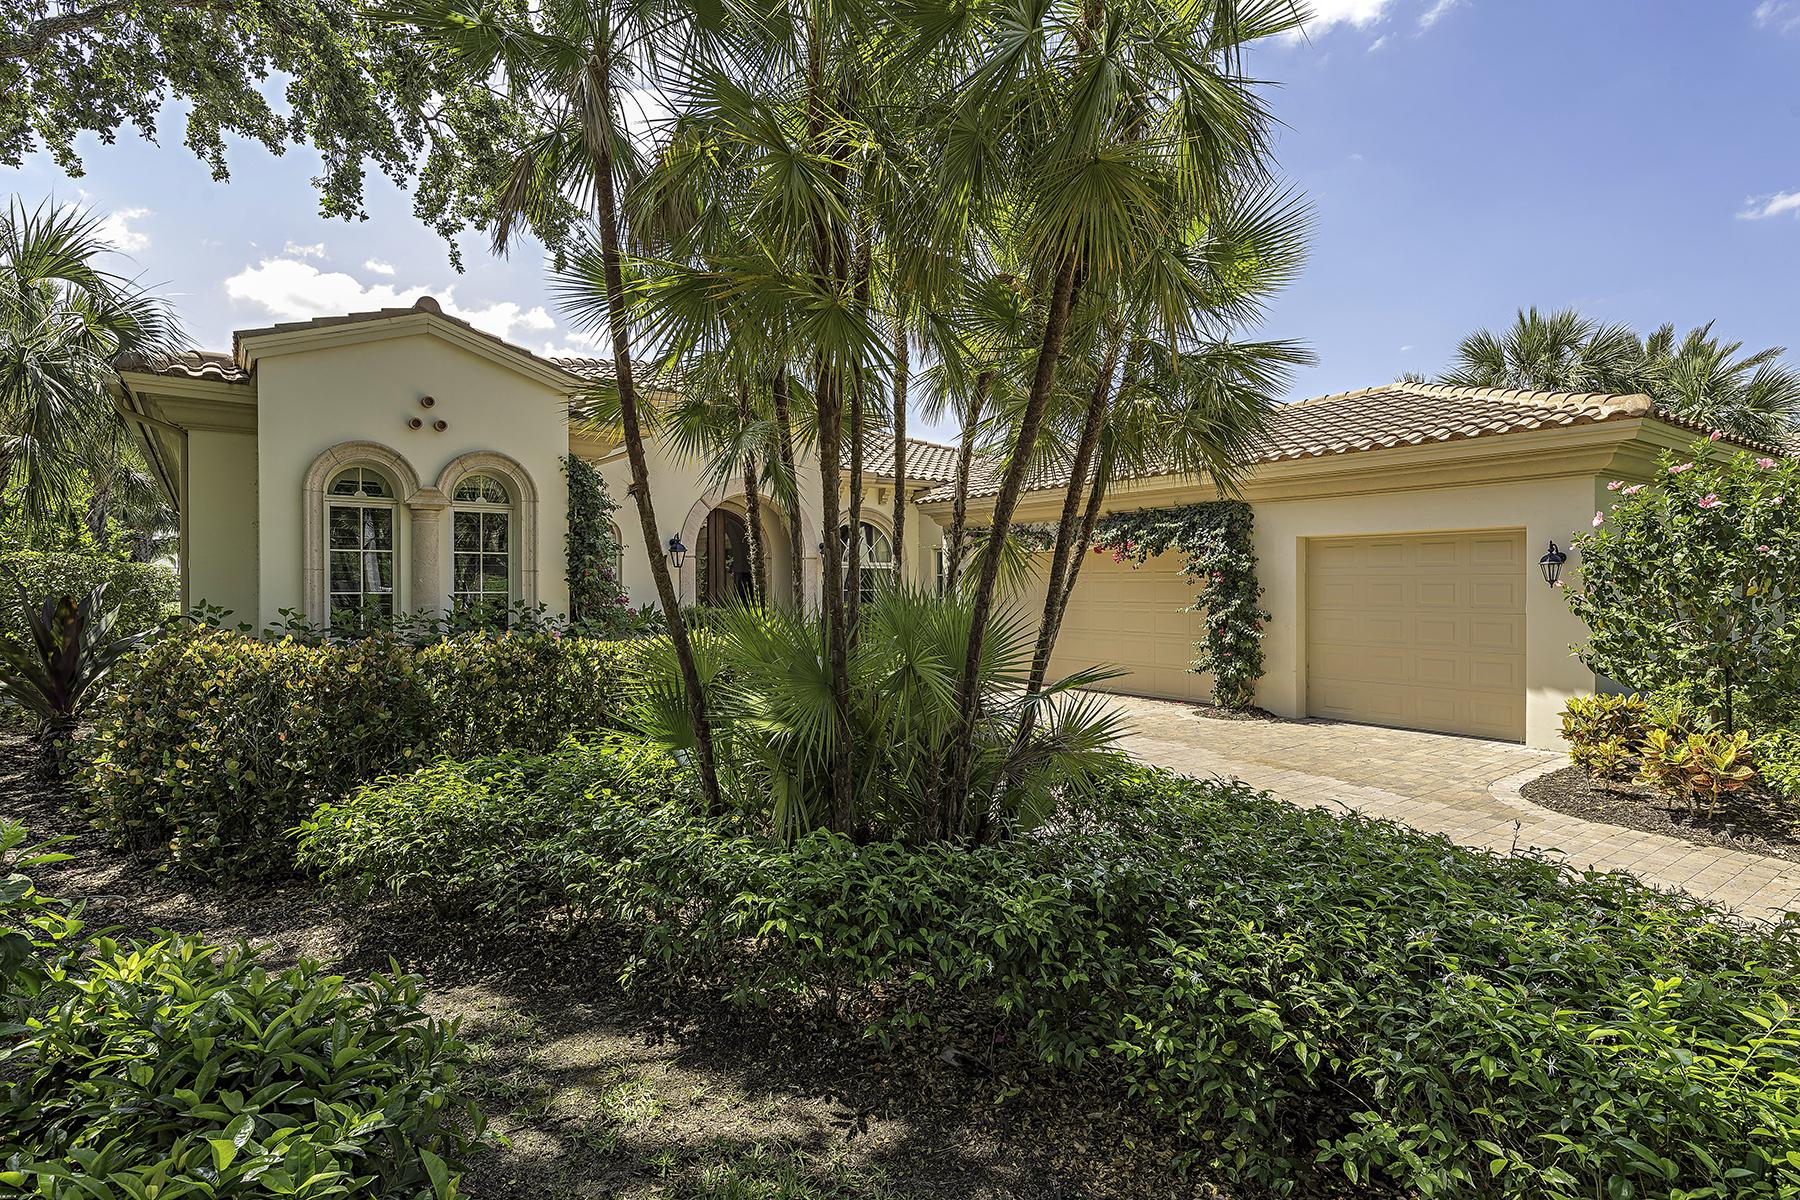 Частный односемейный дом для того Продажа на Isla Vista 2036 Isla Vista Ln Grey Oaks, Naples, Флорида, 34105 Соединенные Штаты